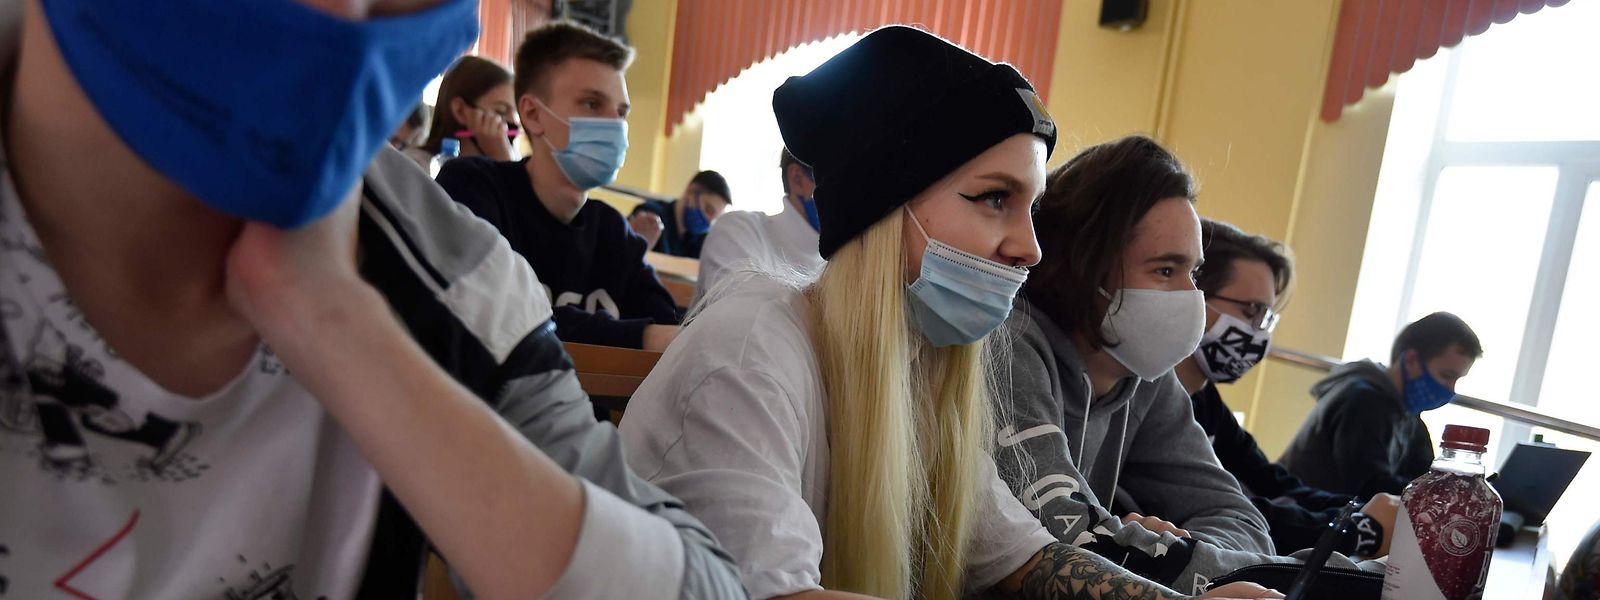 Selon l'organisme belge, les maternelles et les primaires sont ainsi beaucoup moins touchées que les classes du secondaire.